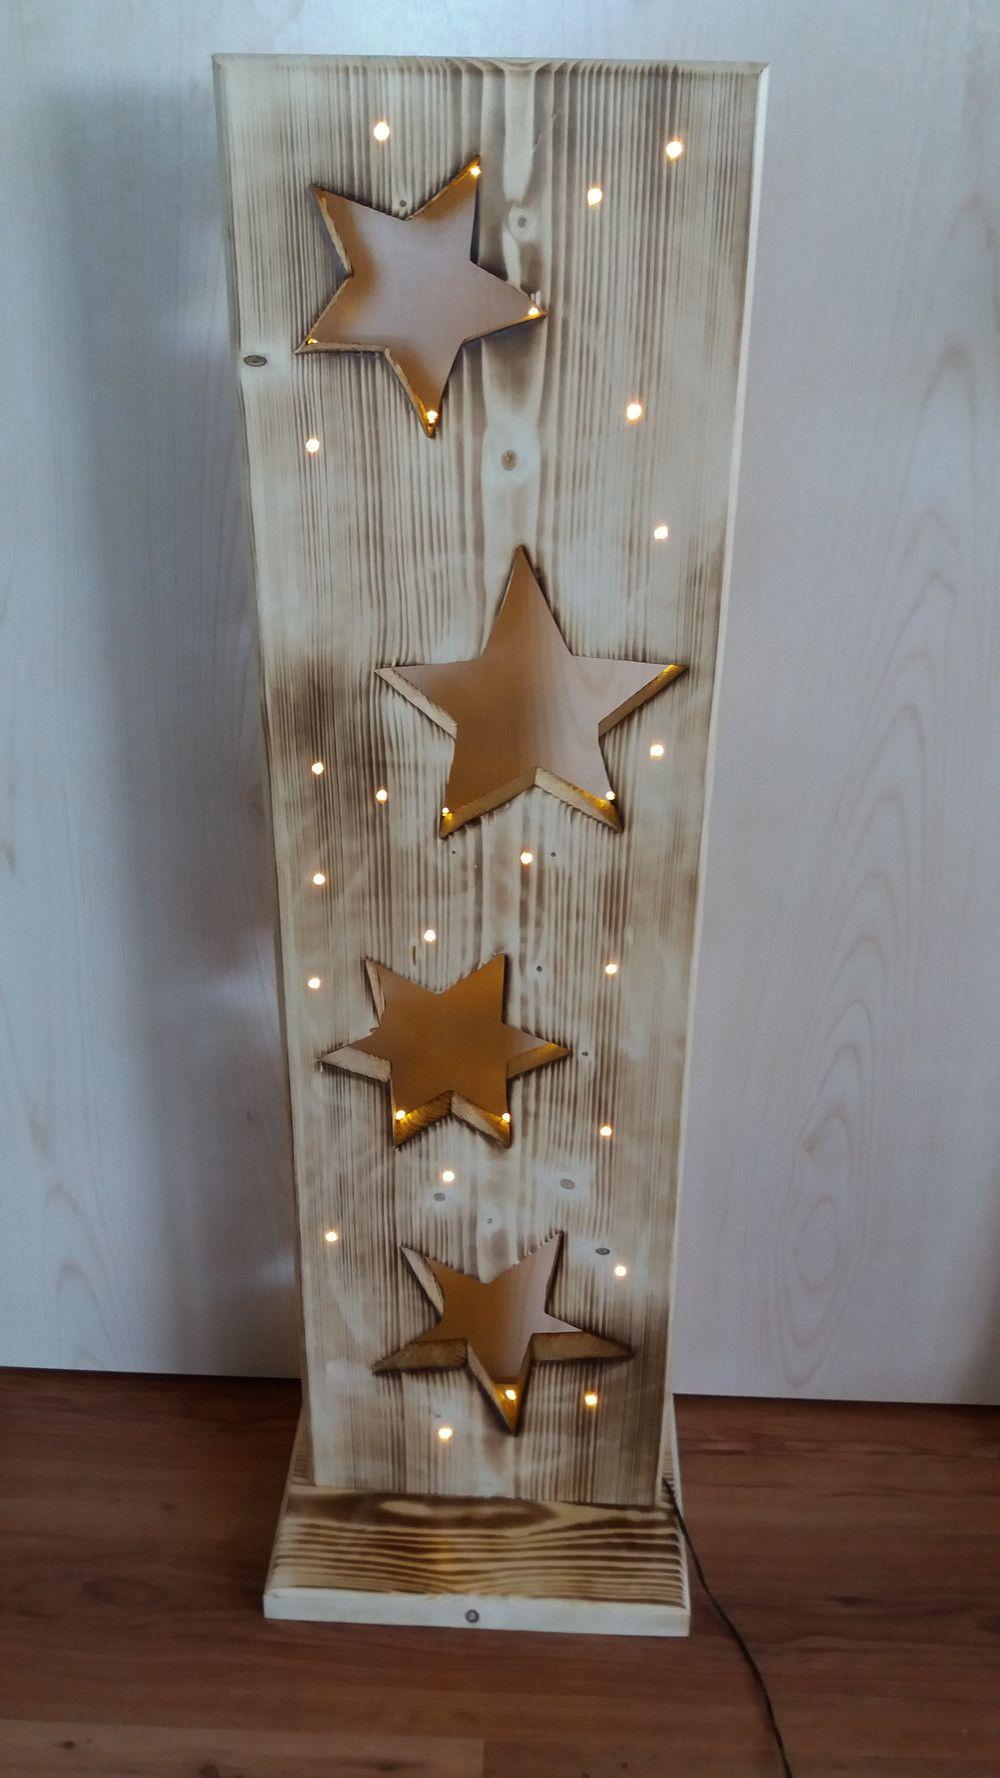 Deko Objekte Holzbrett Mit Sterne Led Beleuchtung Ein Designerstuck Von Filz Holz Und Mehr Bei Holzarbeiten Zu Weihnachten Dekoration Holzbrett Rustikal